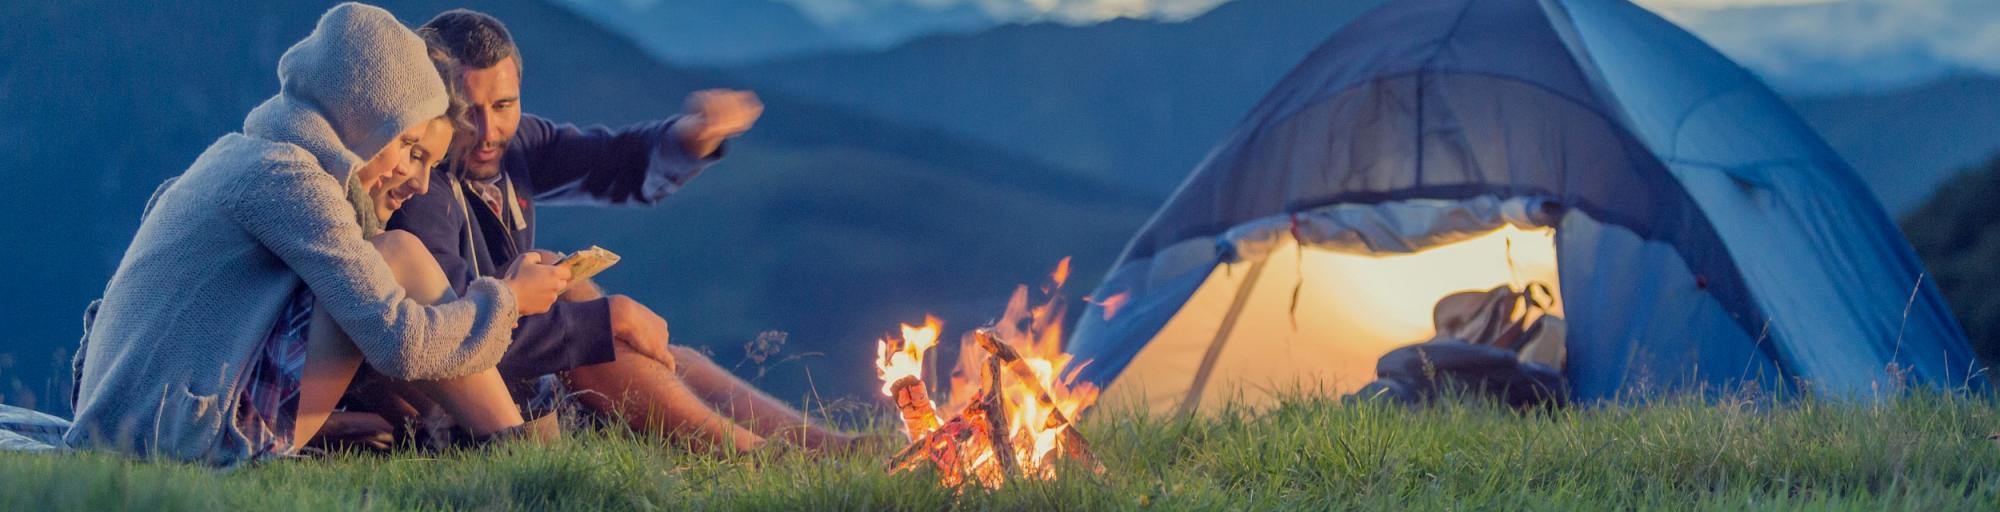 Camping leihen